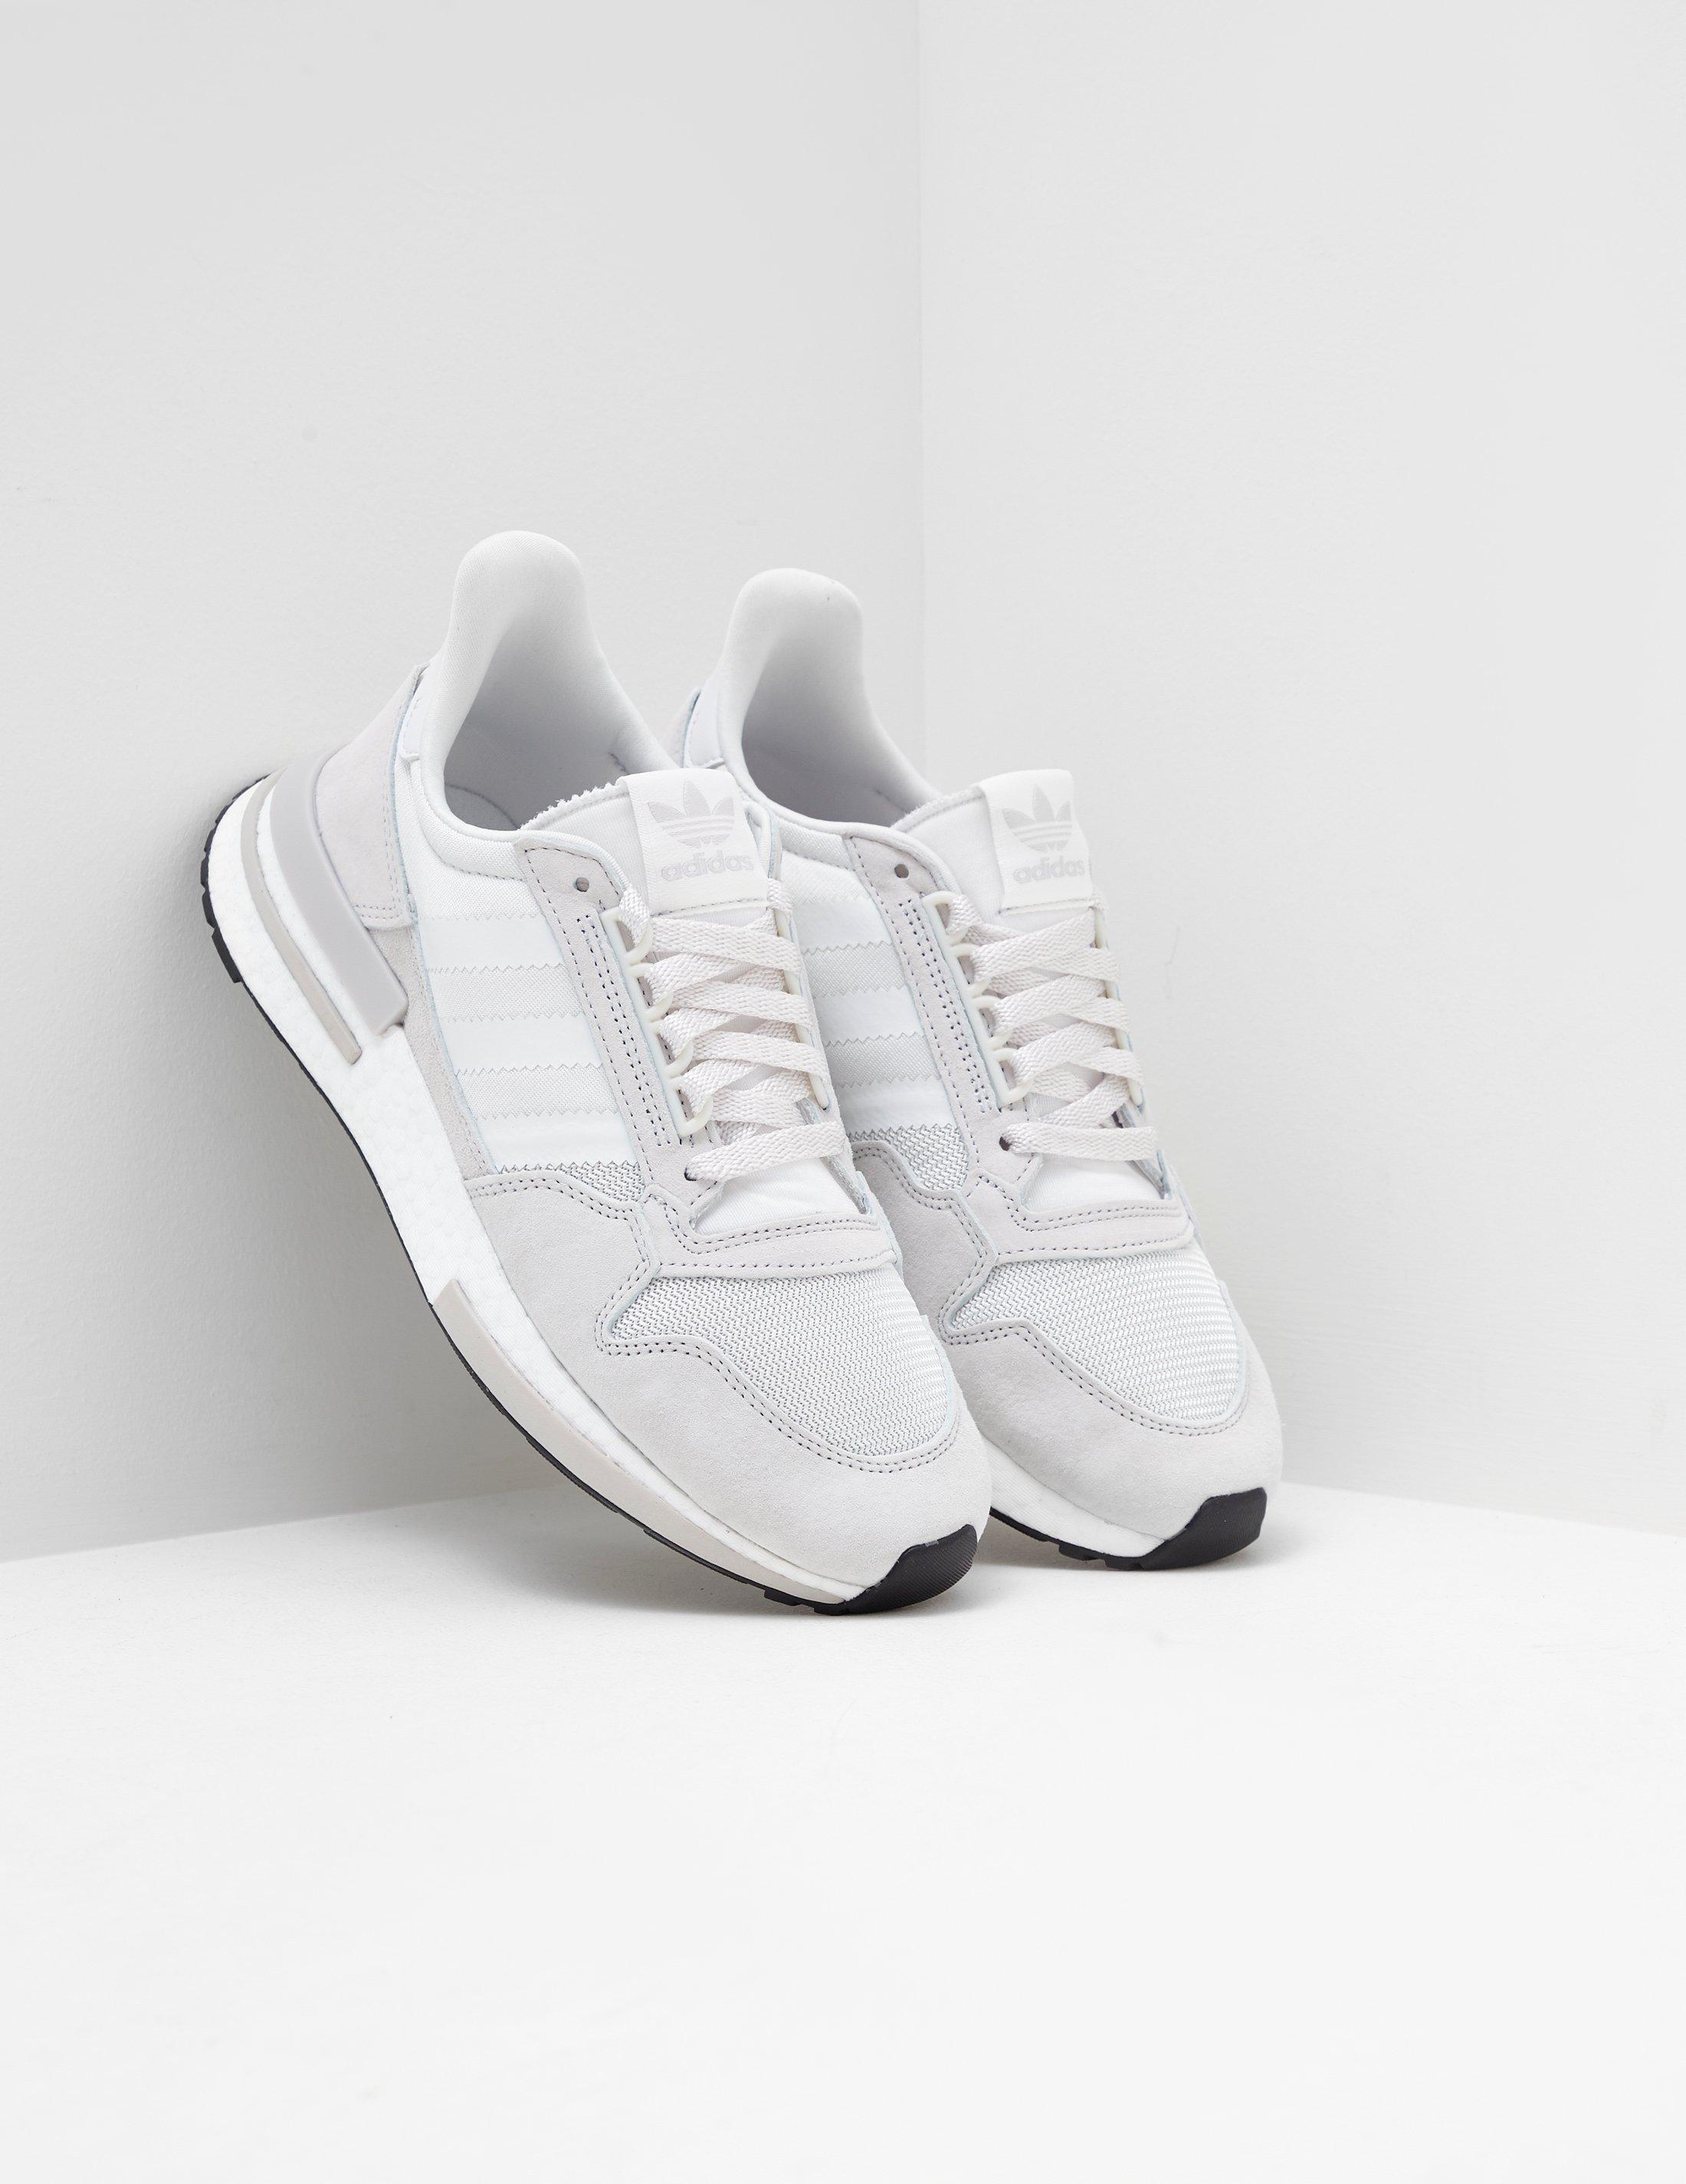 b09eb37c1fff Lyst - adidas Originals Zx 500 Rm White in White for Men